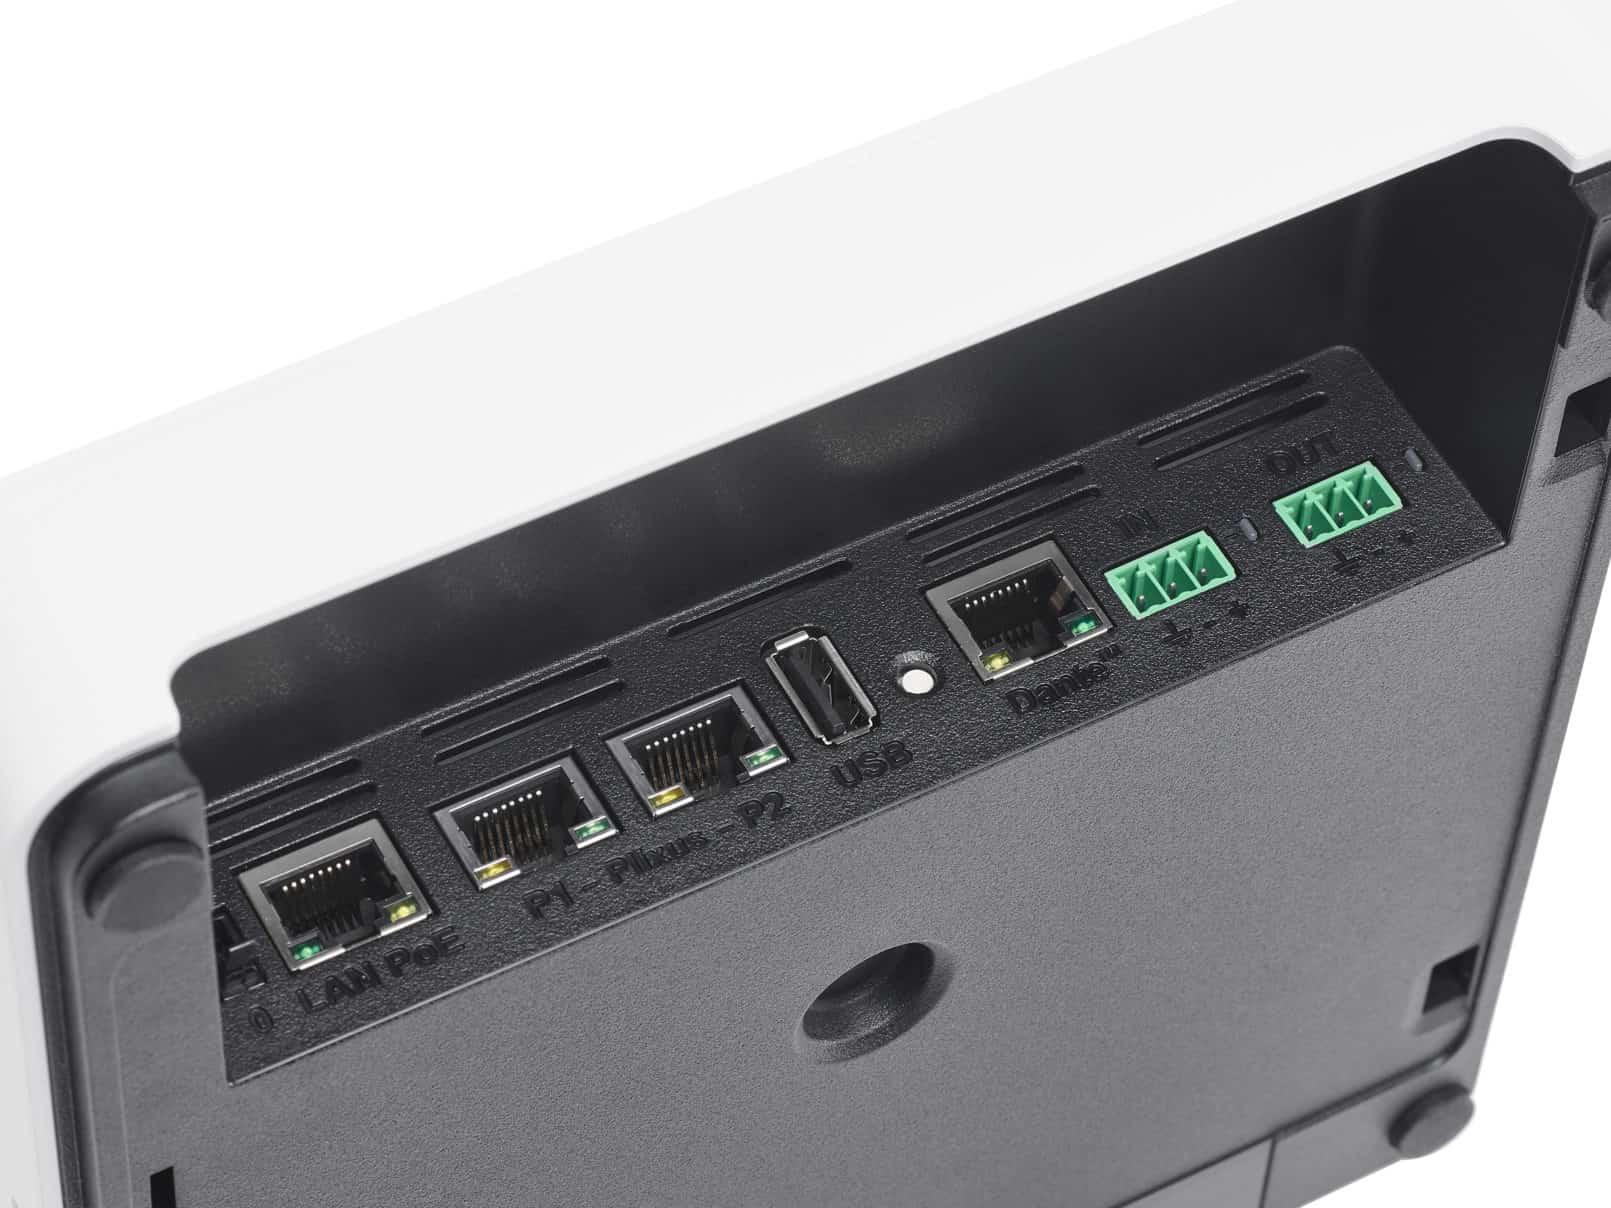 Centrale de système de conférence sans fil Confidea WAP G4 - Televic Conference